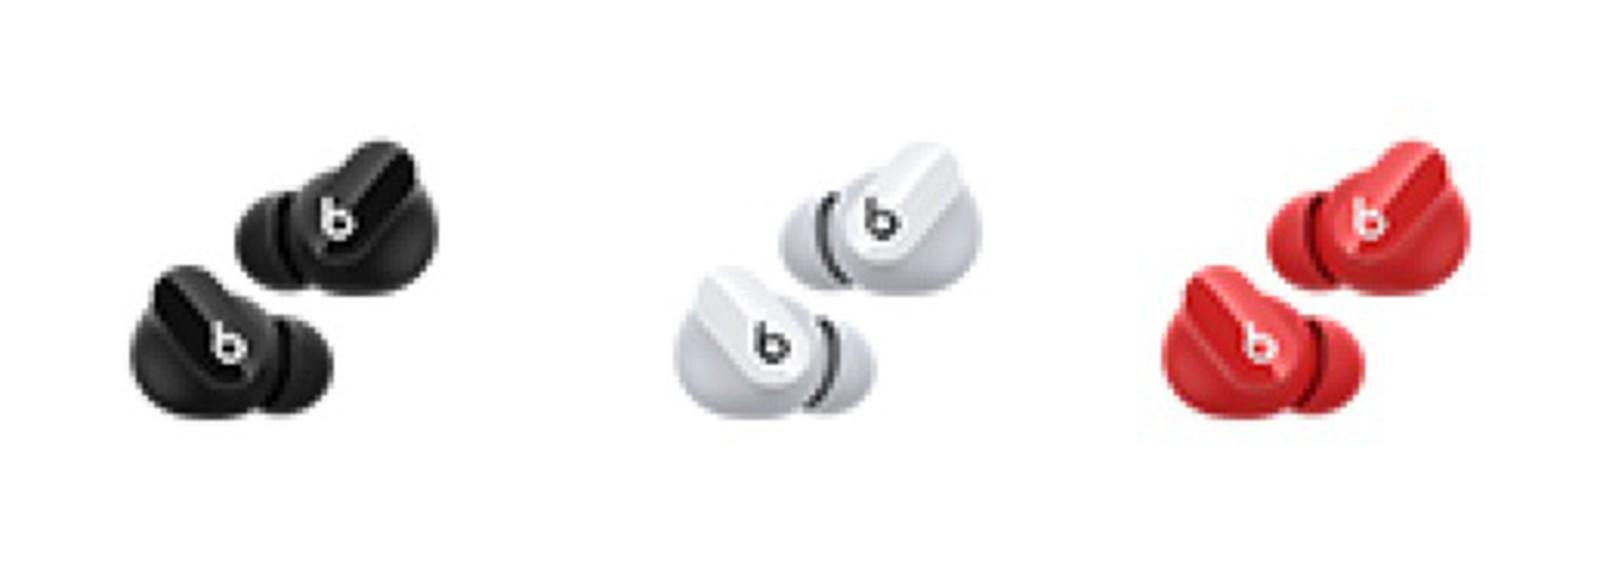 Le foto degli auricolari Beats Studio Buds nella beta di iOS e tvOS 14.6